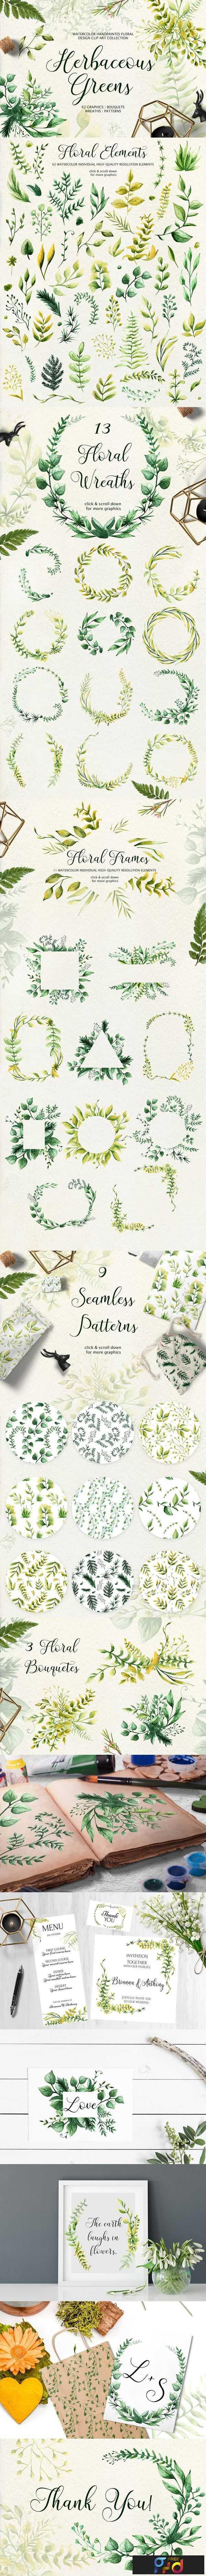 1806267 Herbaceous Greens-watercolor set 2534083 1